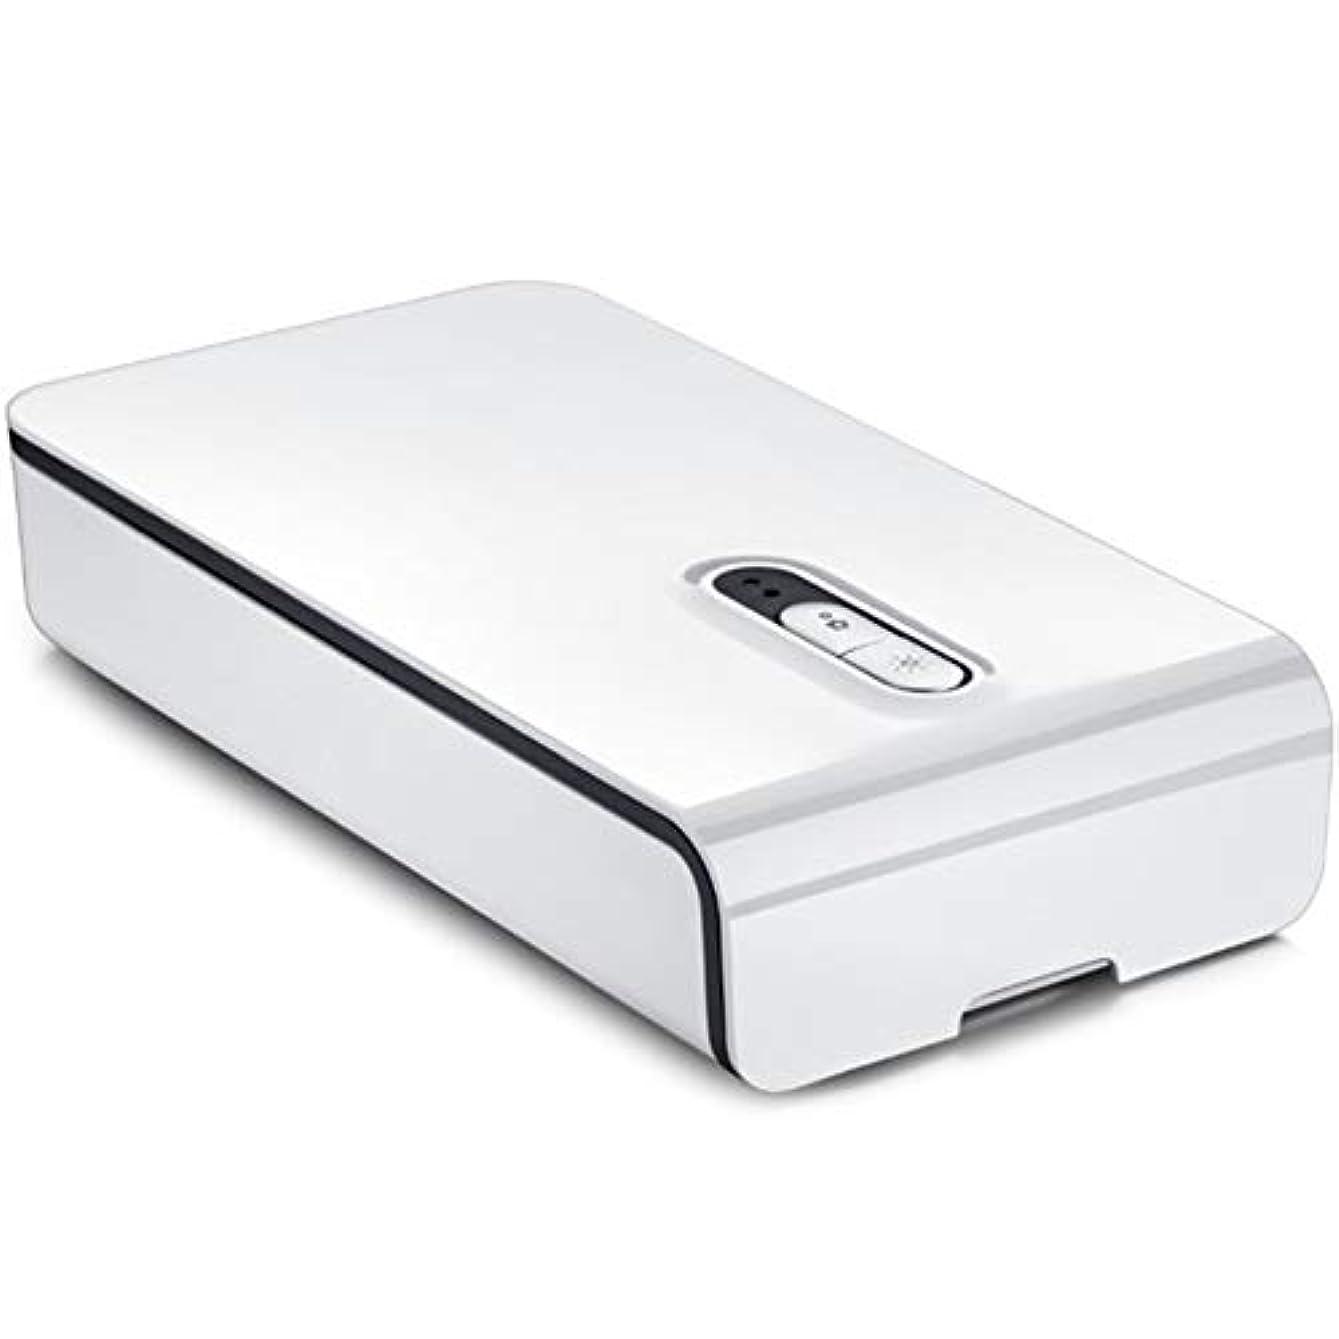 文言押し下げる知るUV滅菌器を充電する携帯電話と下着のための多機能アロマUV消毒単層,白